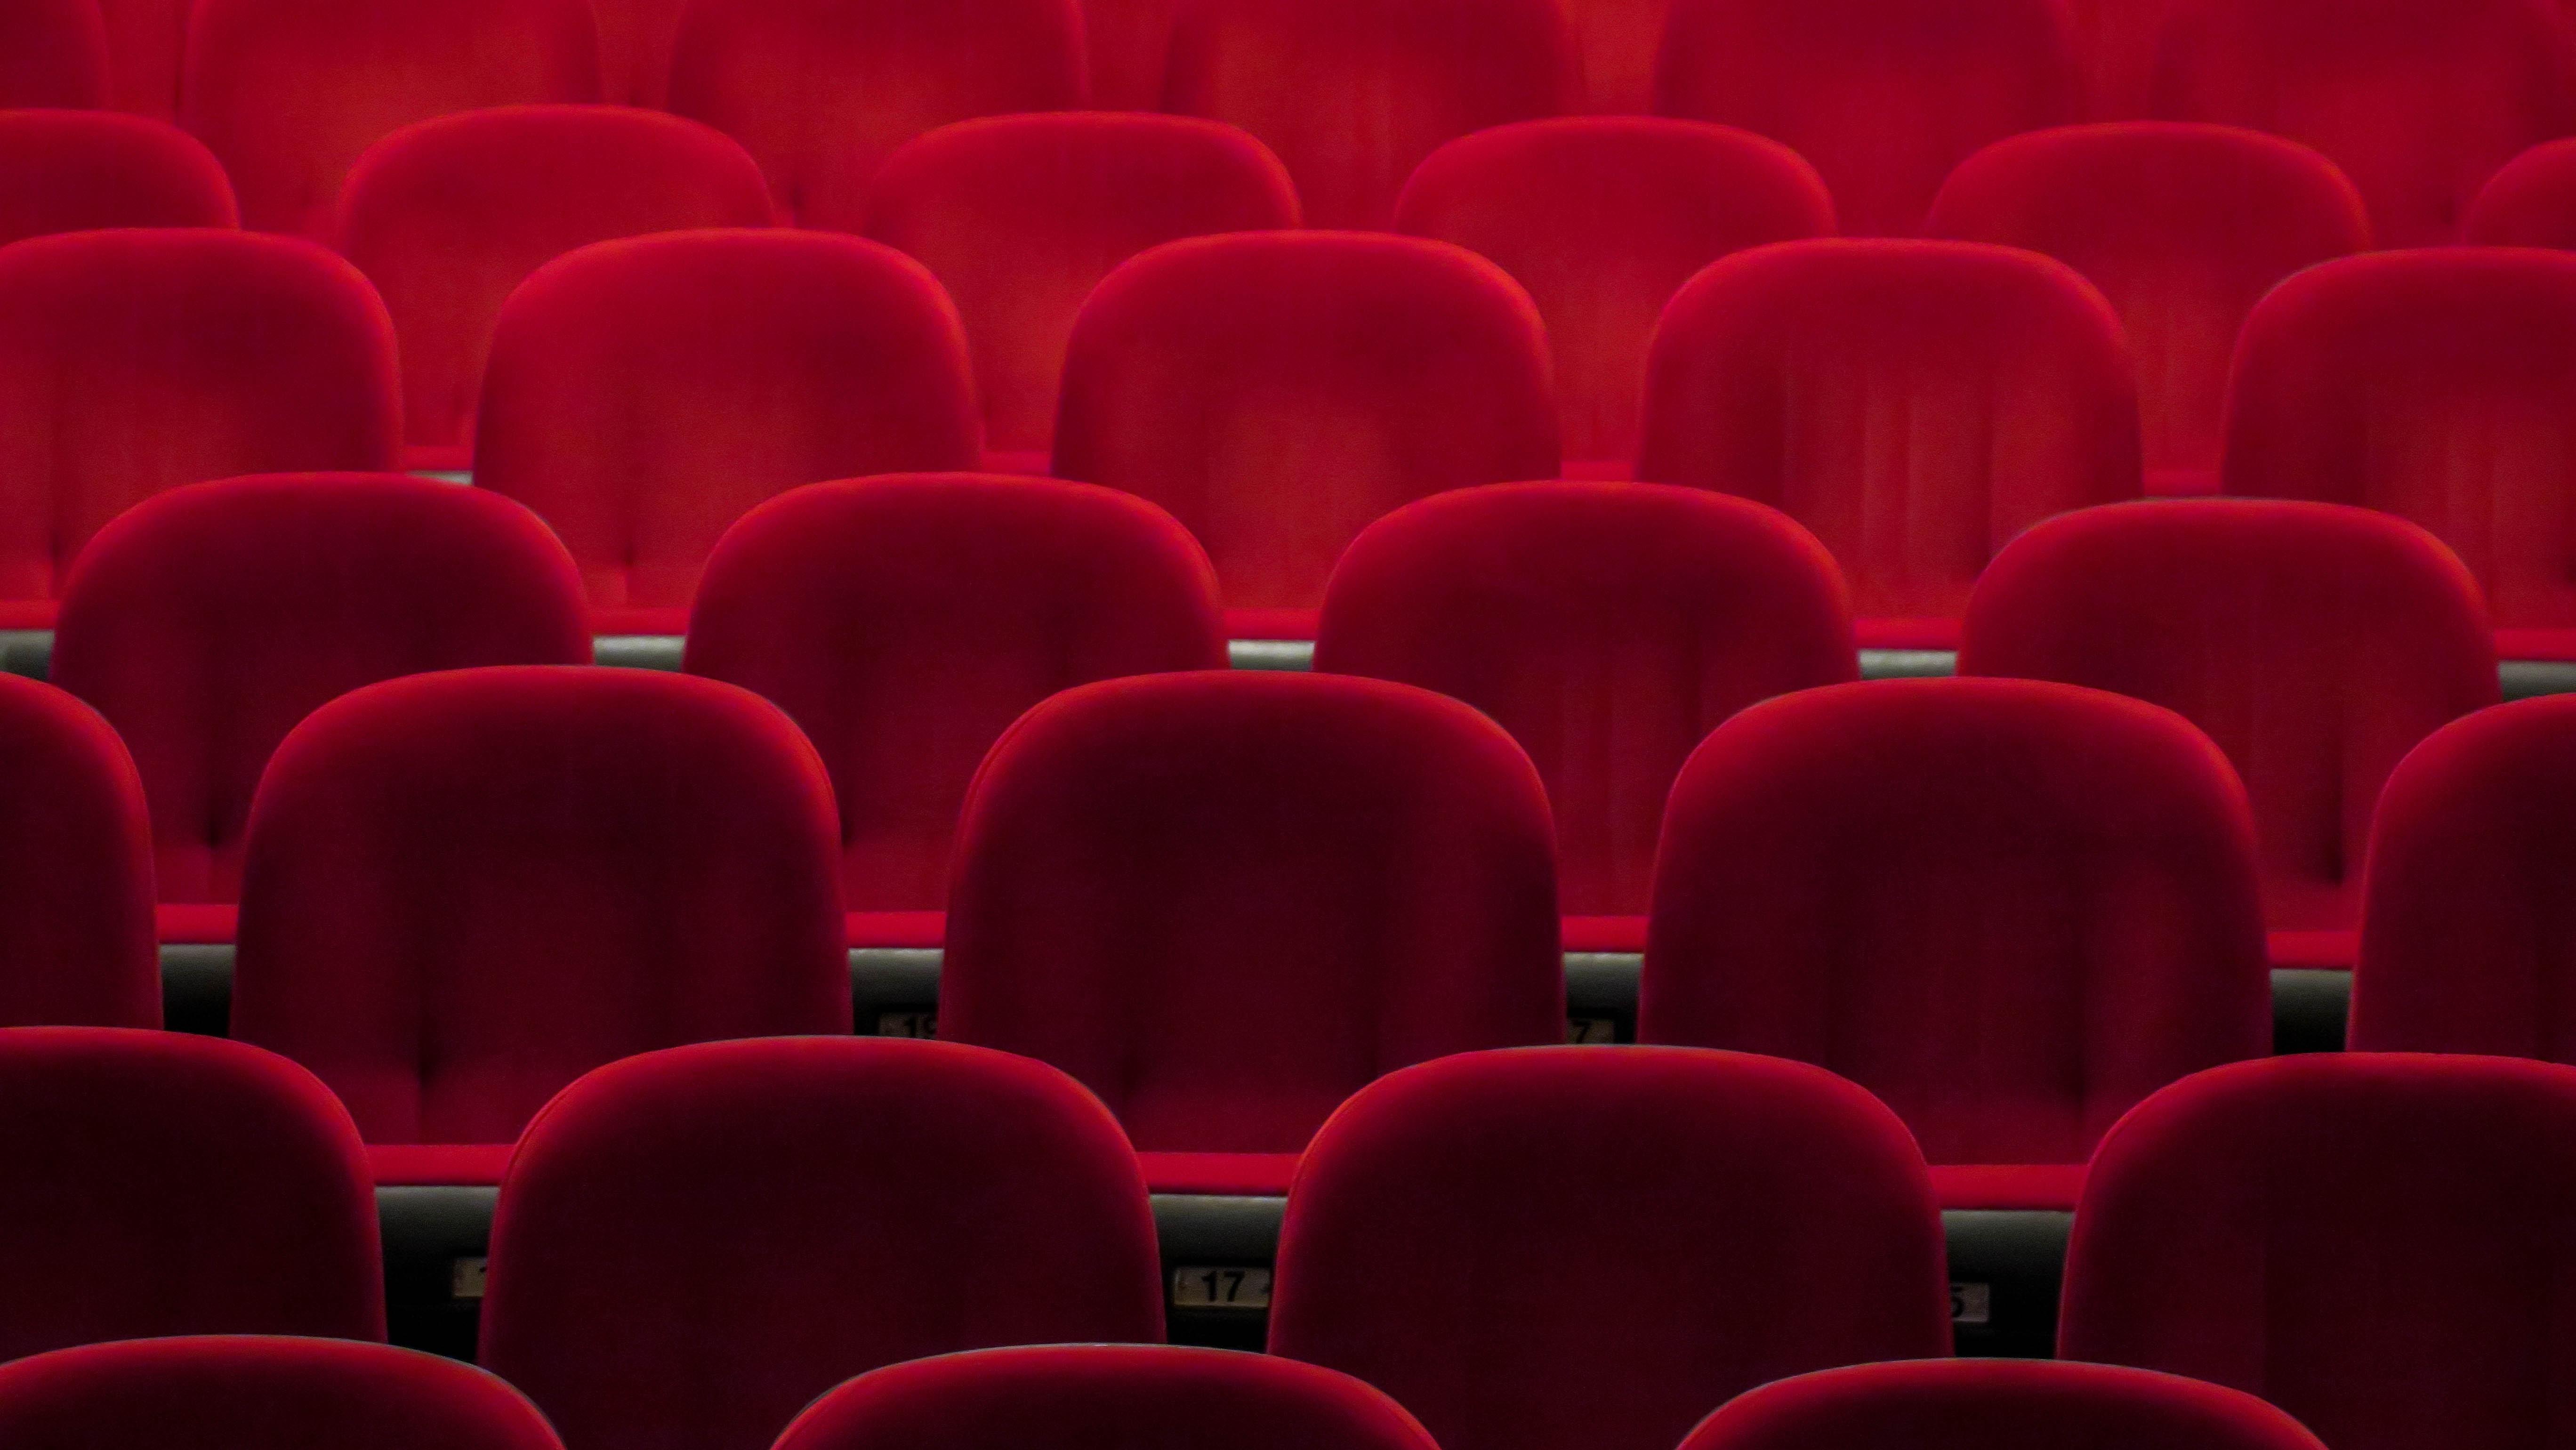 After Work Filmabend - Filmgenuss mit aktuellen Kurzfilmen